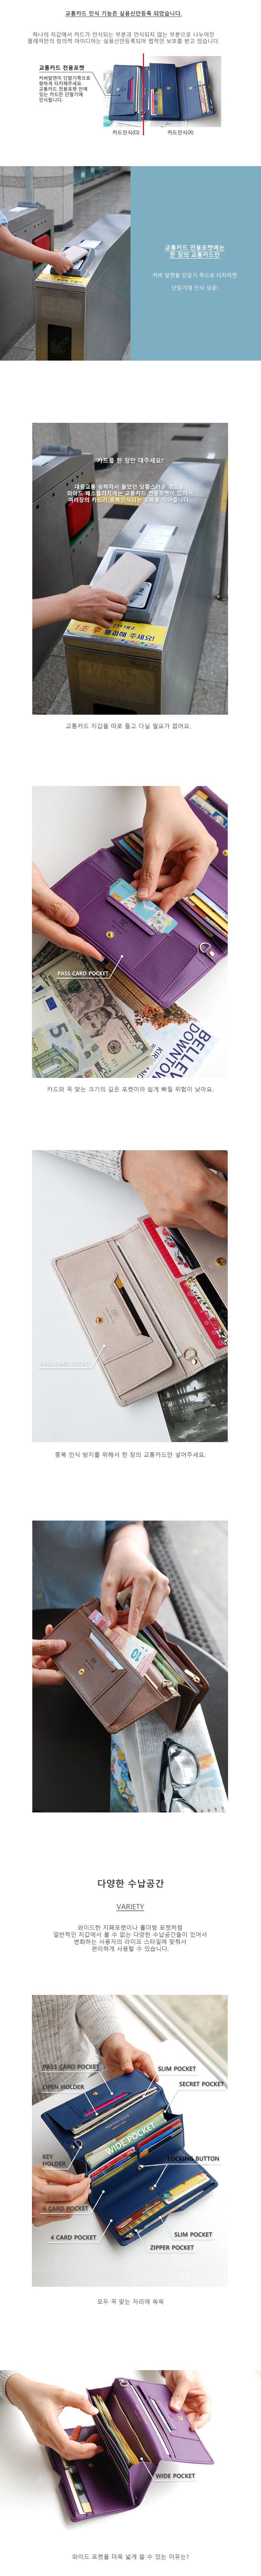 Wide Pass Clutch - 플레픽, 52,500원, 여성지갑, 장/중지갑